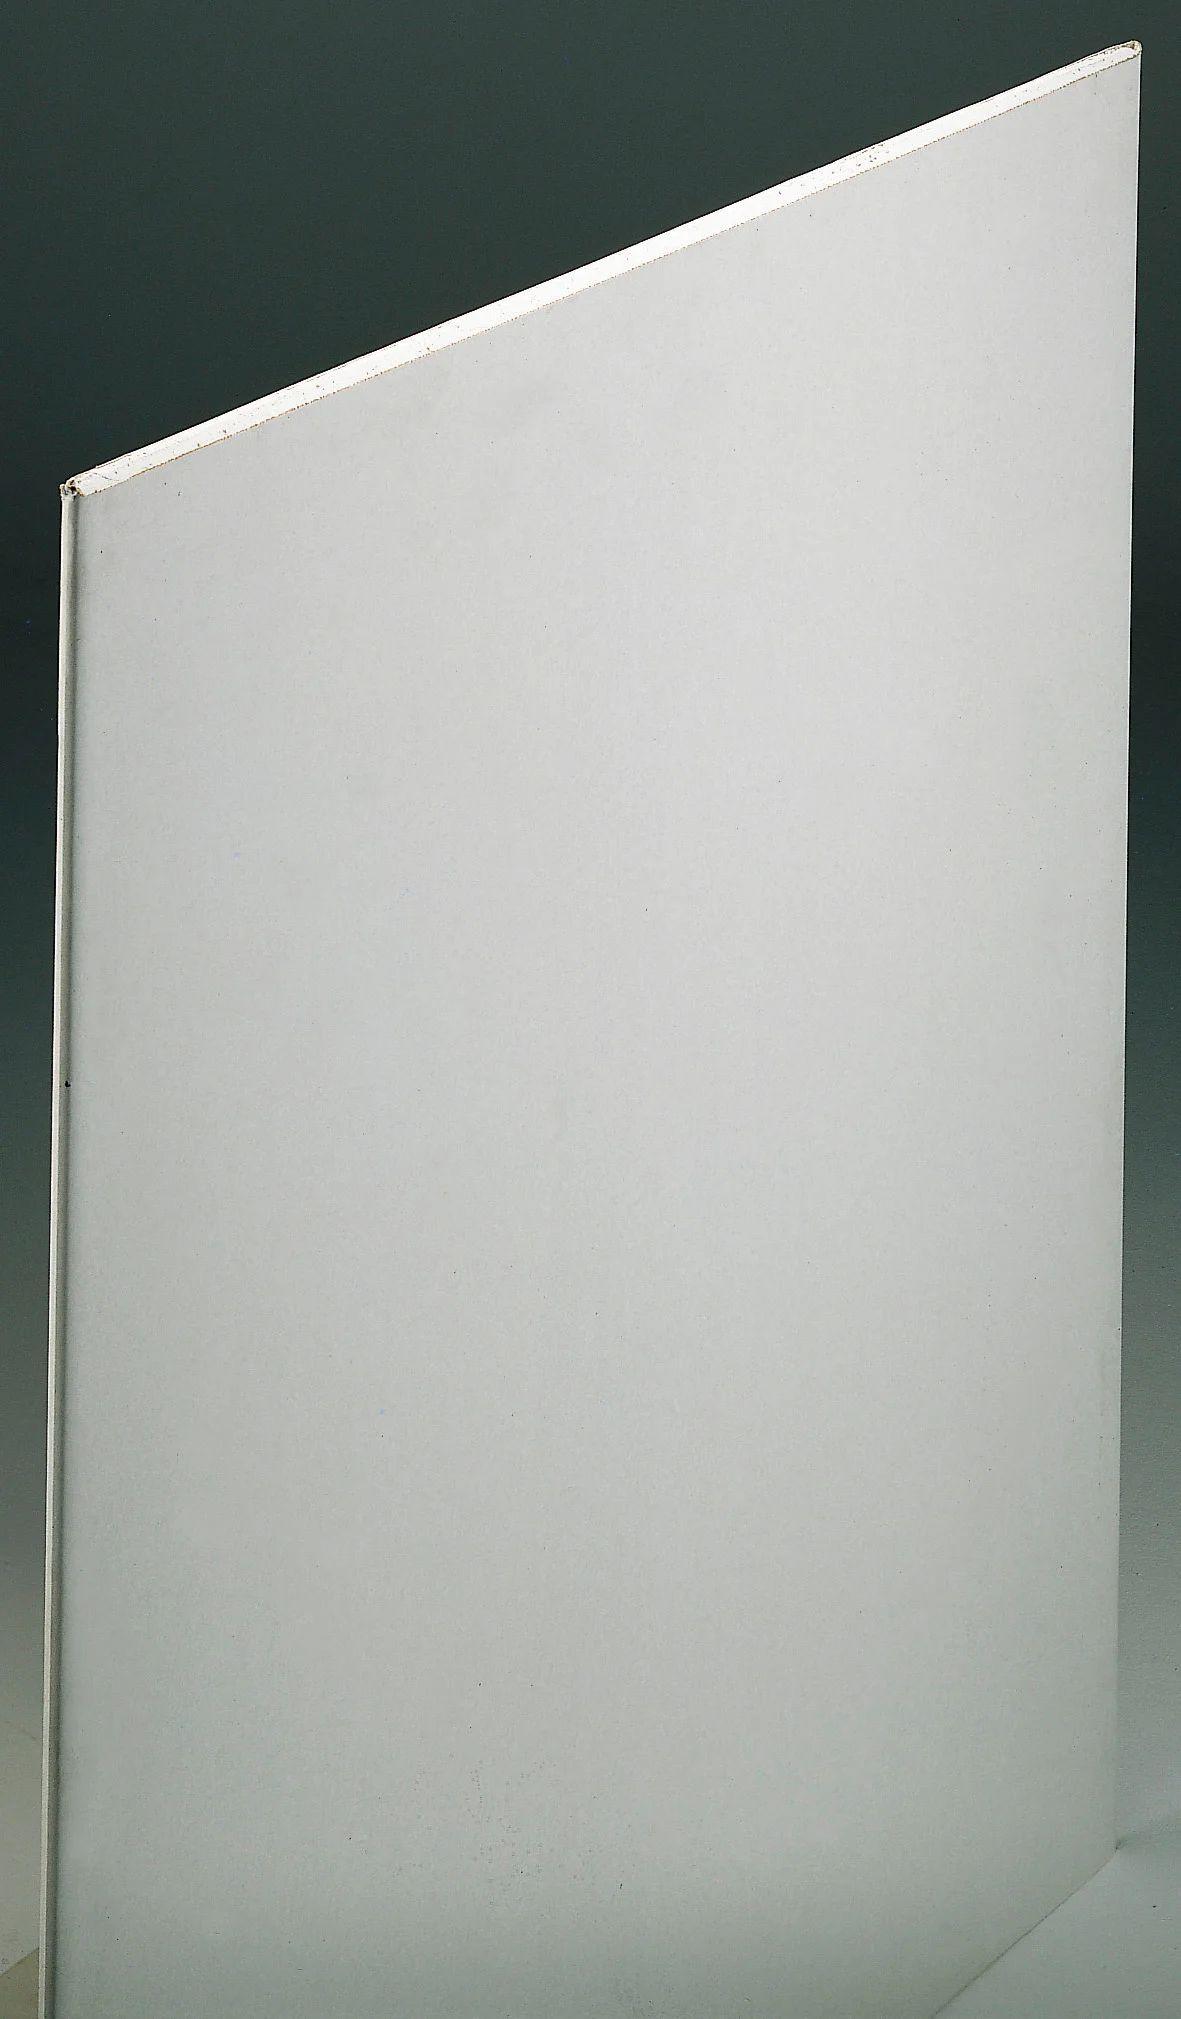 Plaque De Platre Ba 13 H 300 X L 120 Cm Standard Knauf Leroy Merlin